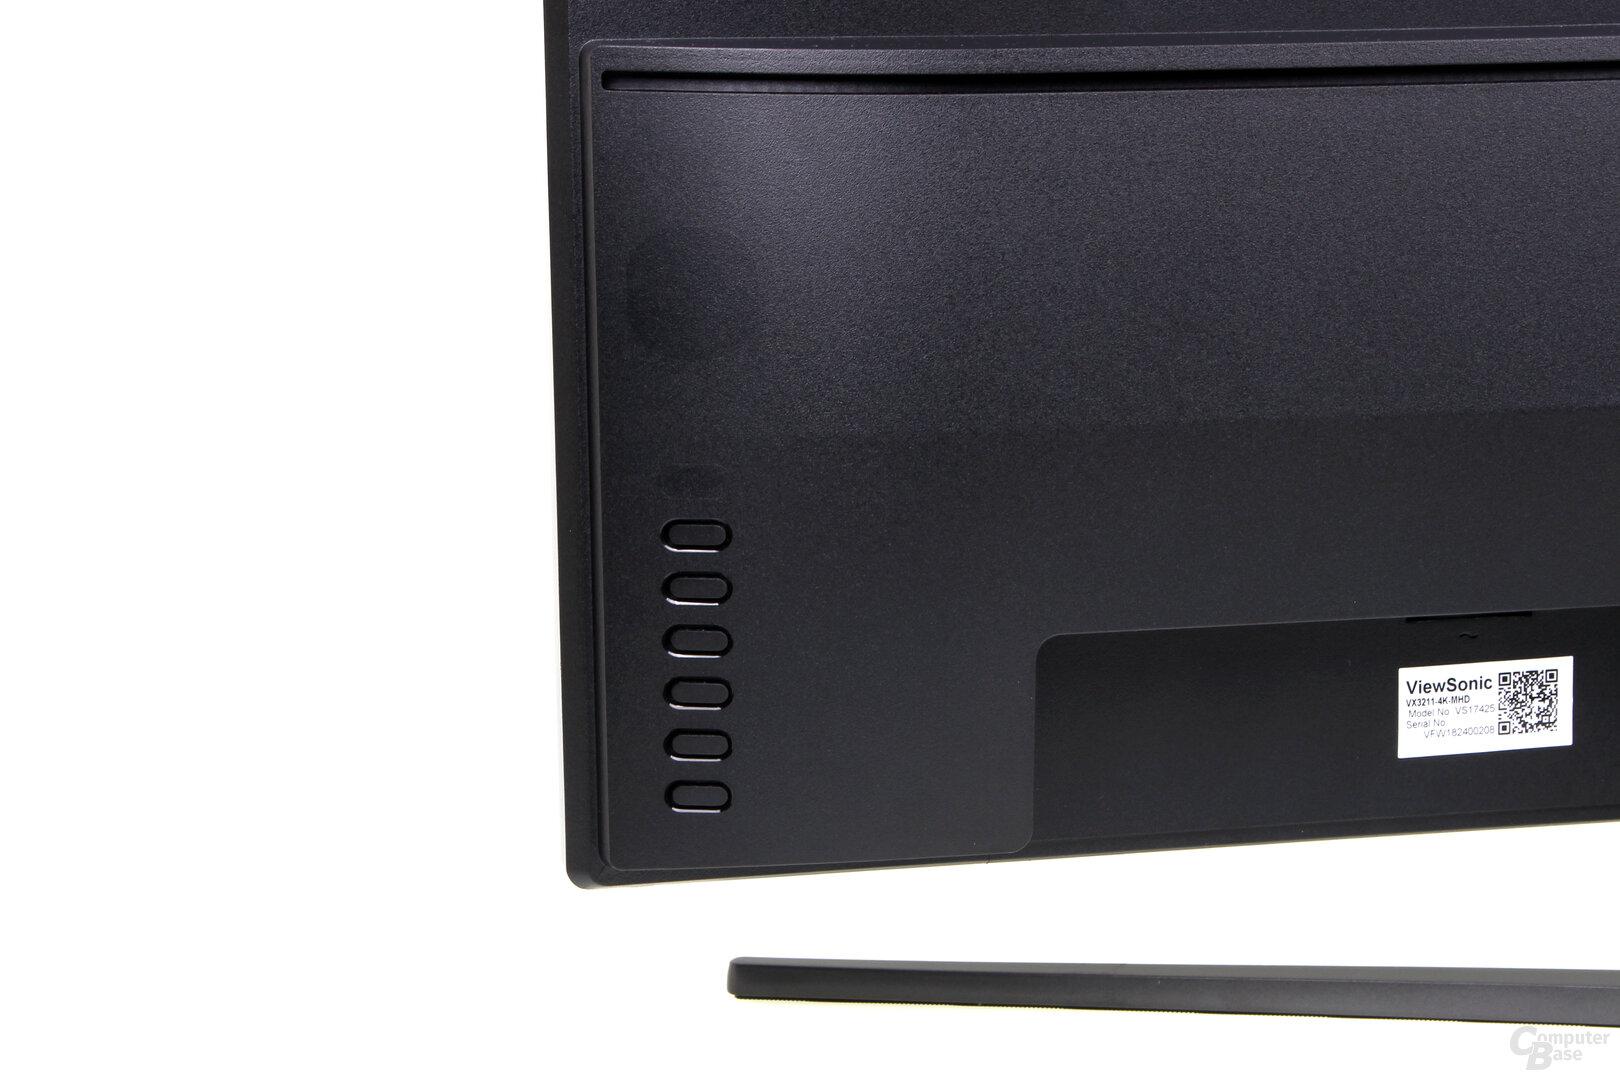 ViewSonic VX3211-4K – 6 Knöpfe für das OSD